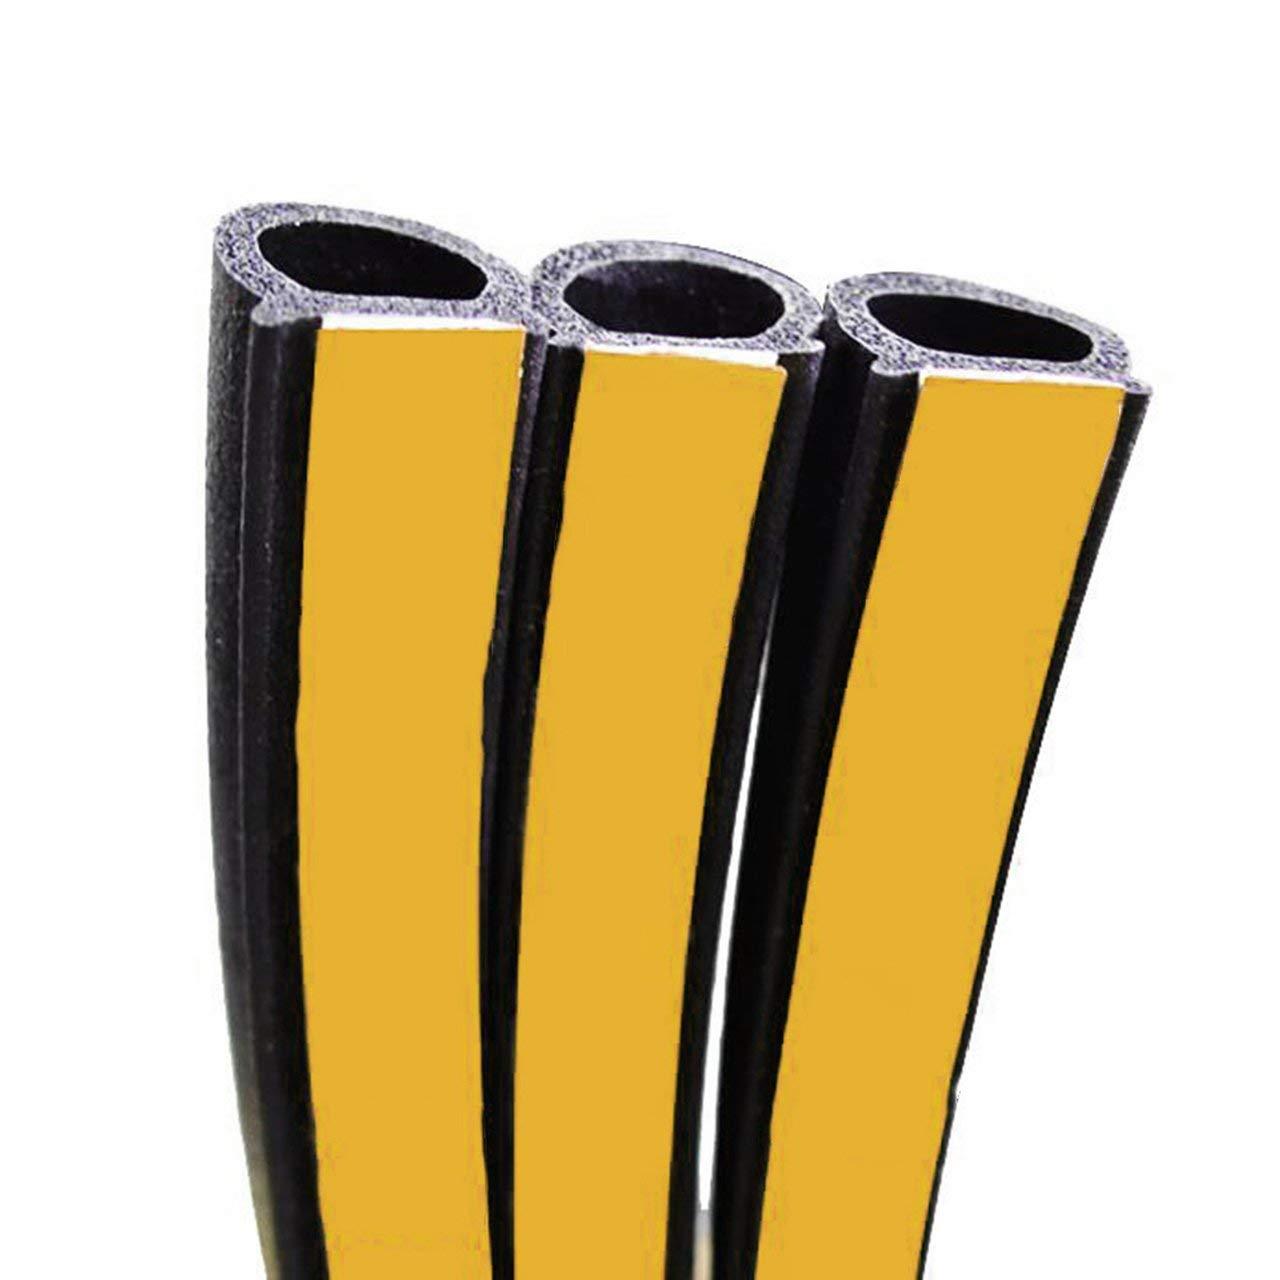 Nero Universal 4Meter Big D Type Filler Adesivo per Auto Guarnizione in Gomma Isolamento Acustico Car 4M Guarnizione per Porta Strip Weatherstrip Jasnyfall